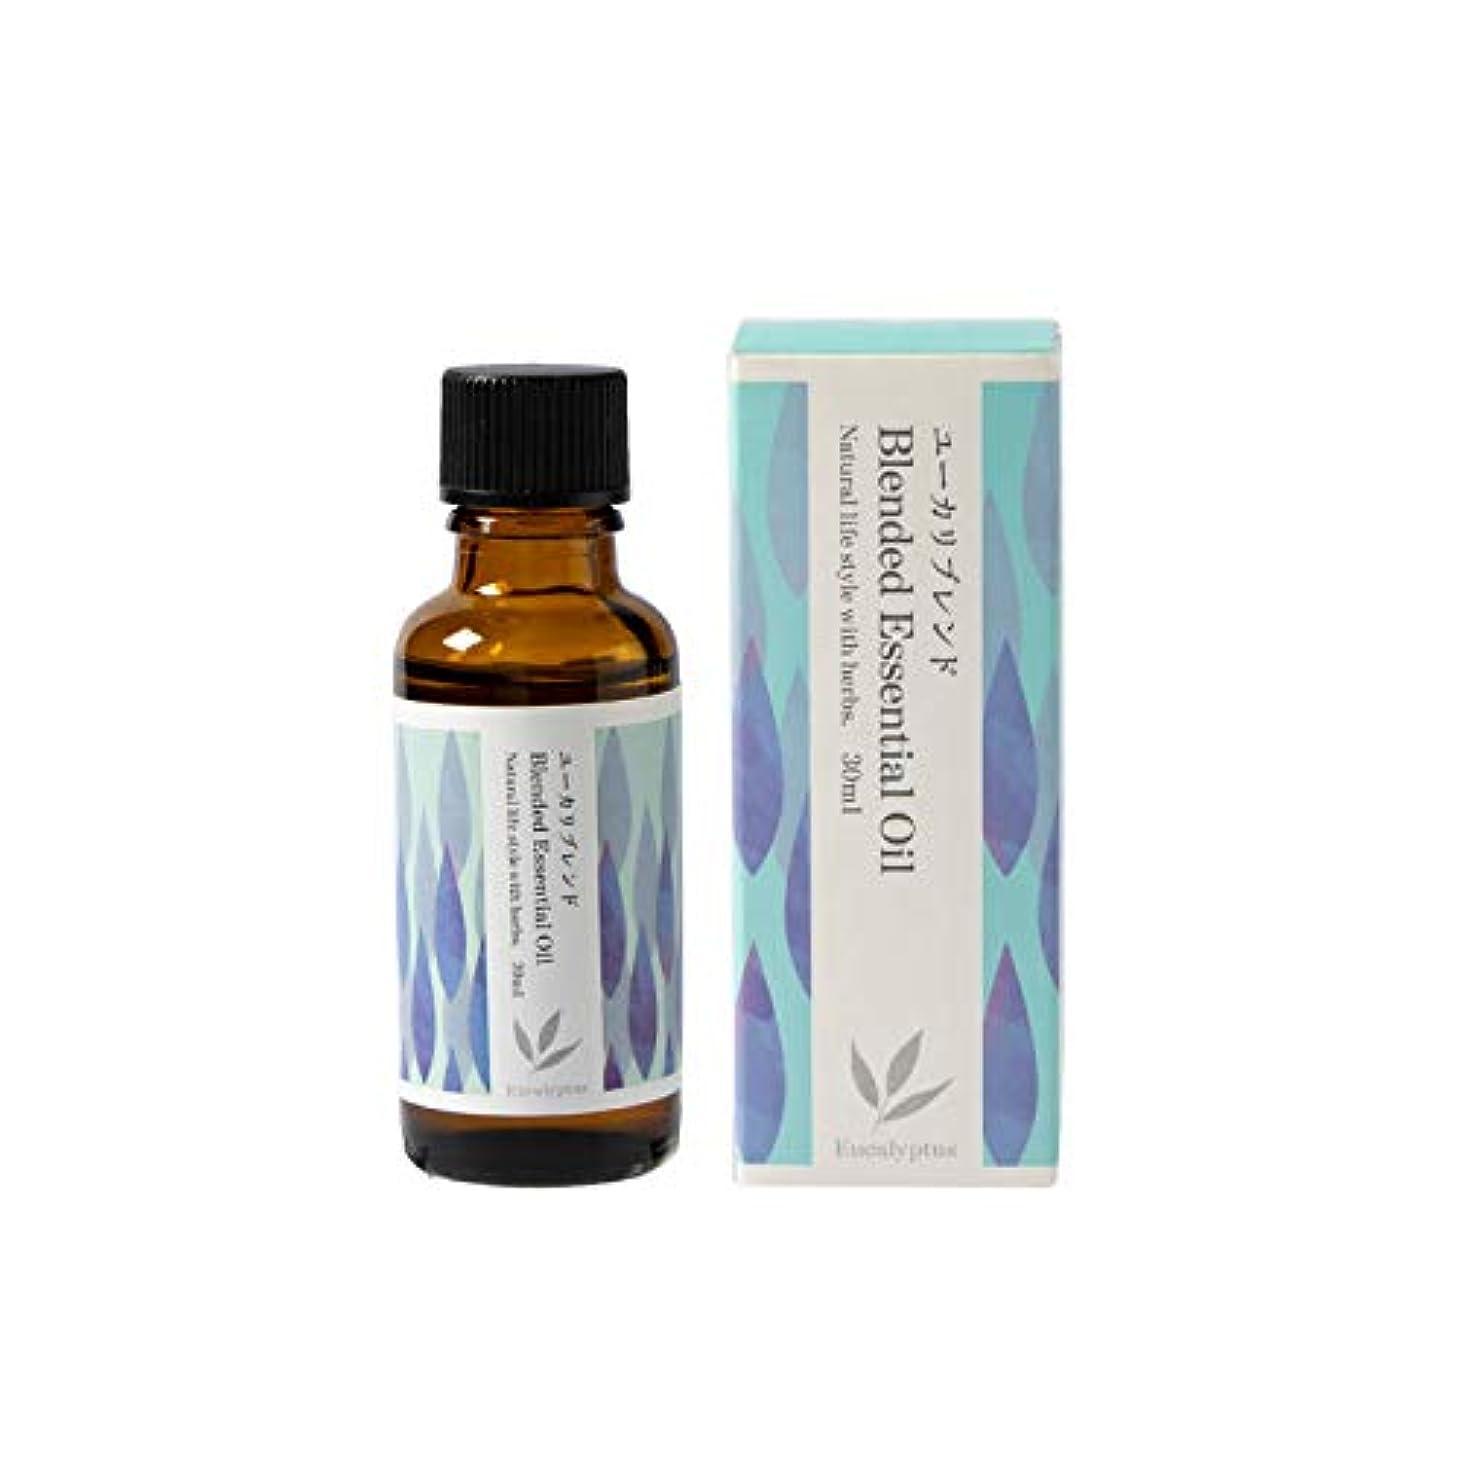 アレルギー測定洗剤生活の木 ブレンドエッセンシャルオイル ユーカリブレンド 30ml